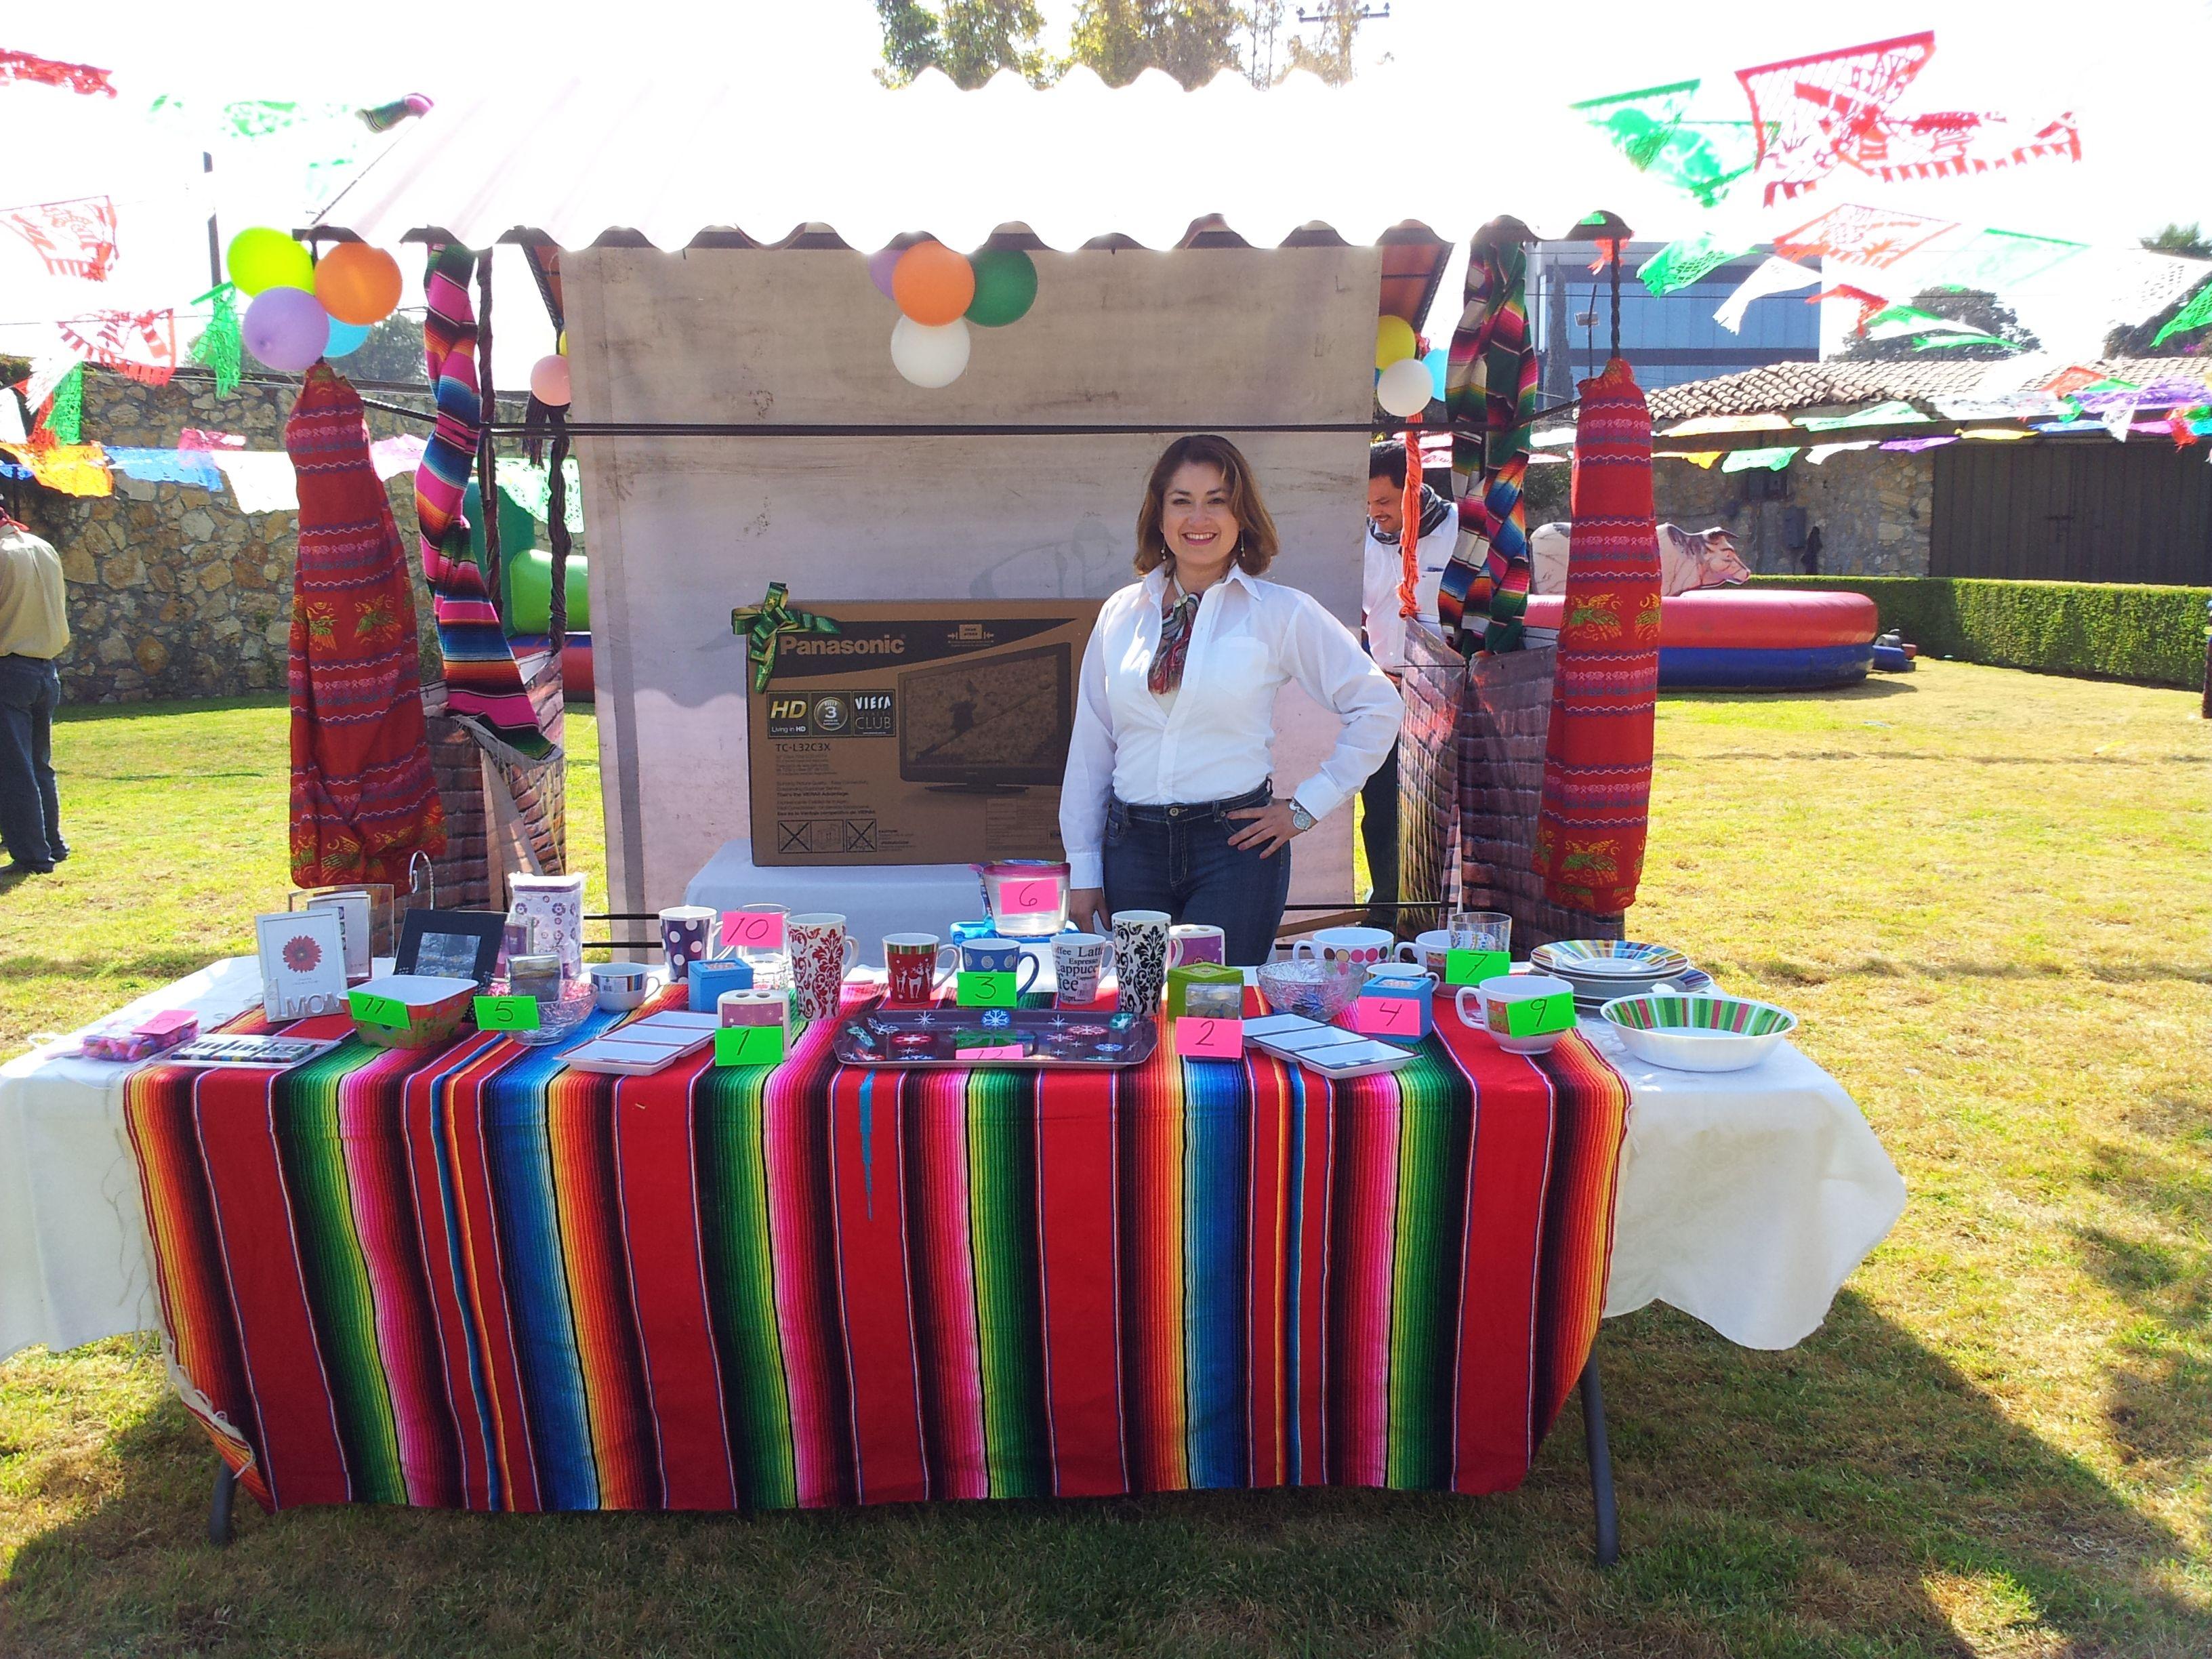 La Mesa De Los Premios Feria Mexicana Pinterest Mexican Y 18th